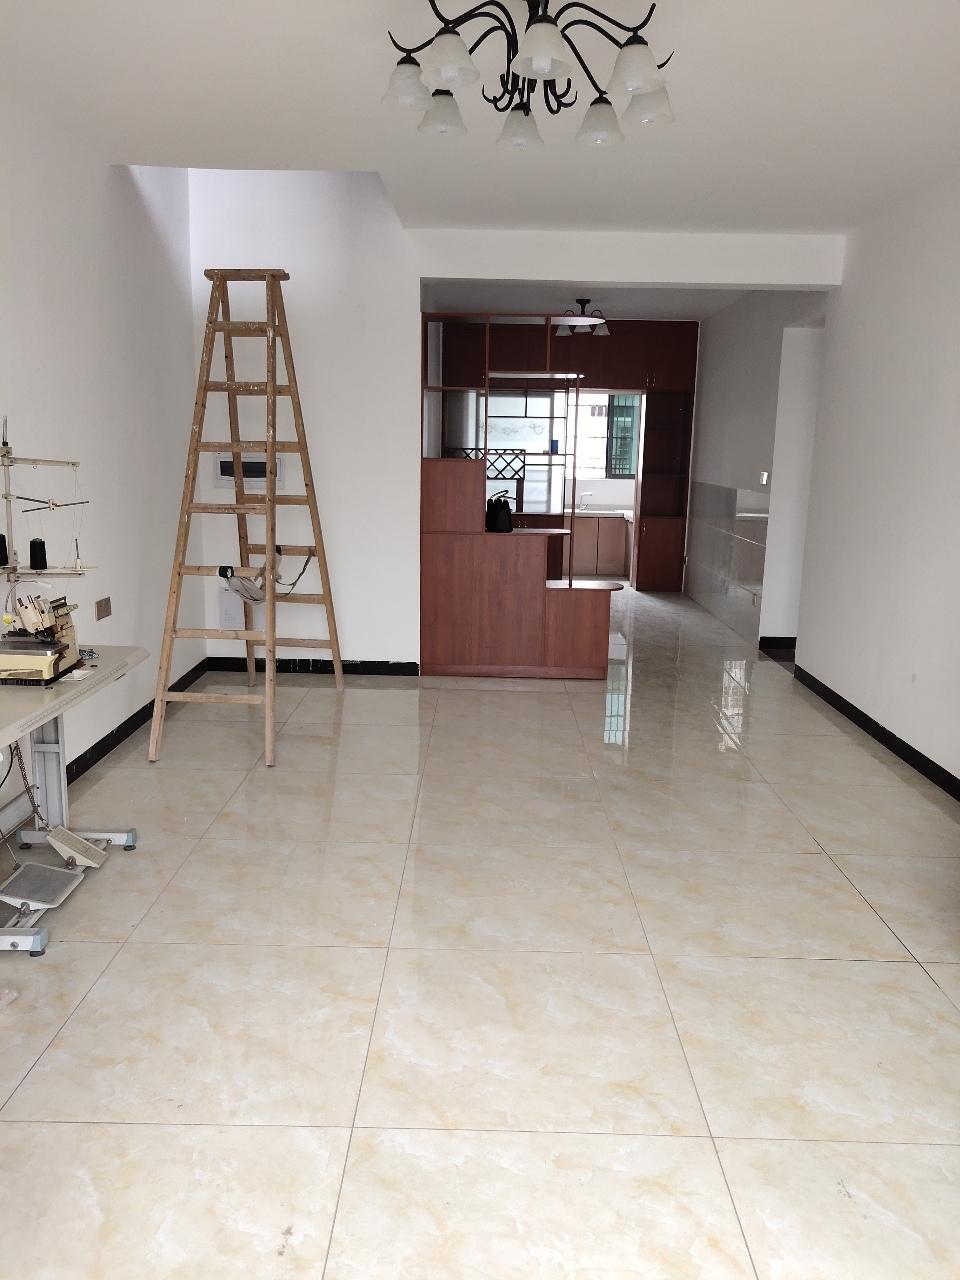 旭华东城 新装修未入住4室 2厅 2卫79.9万元